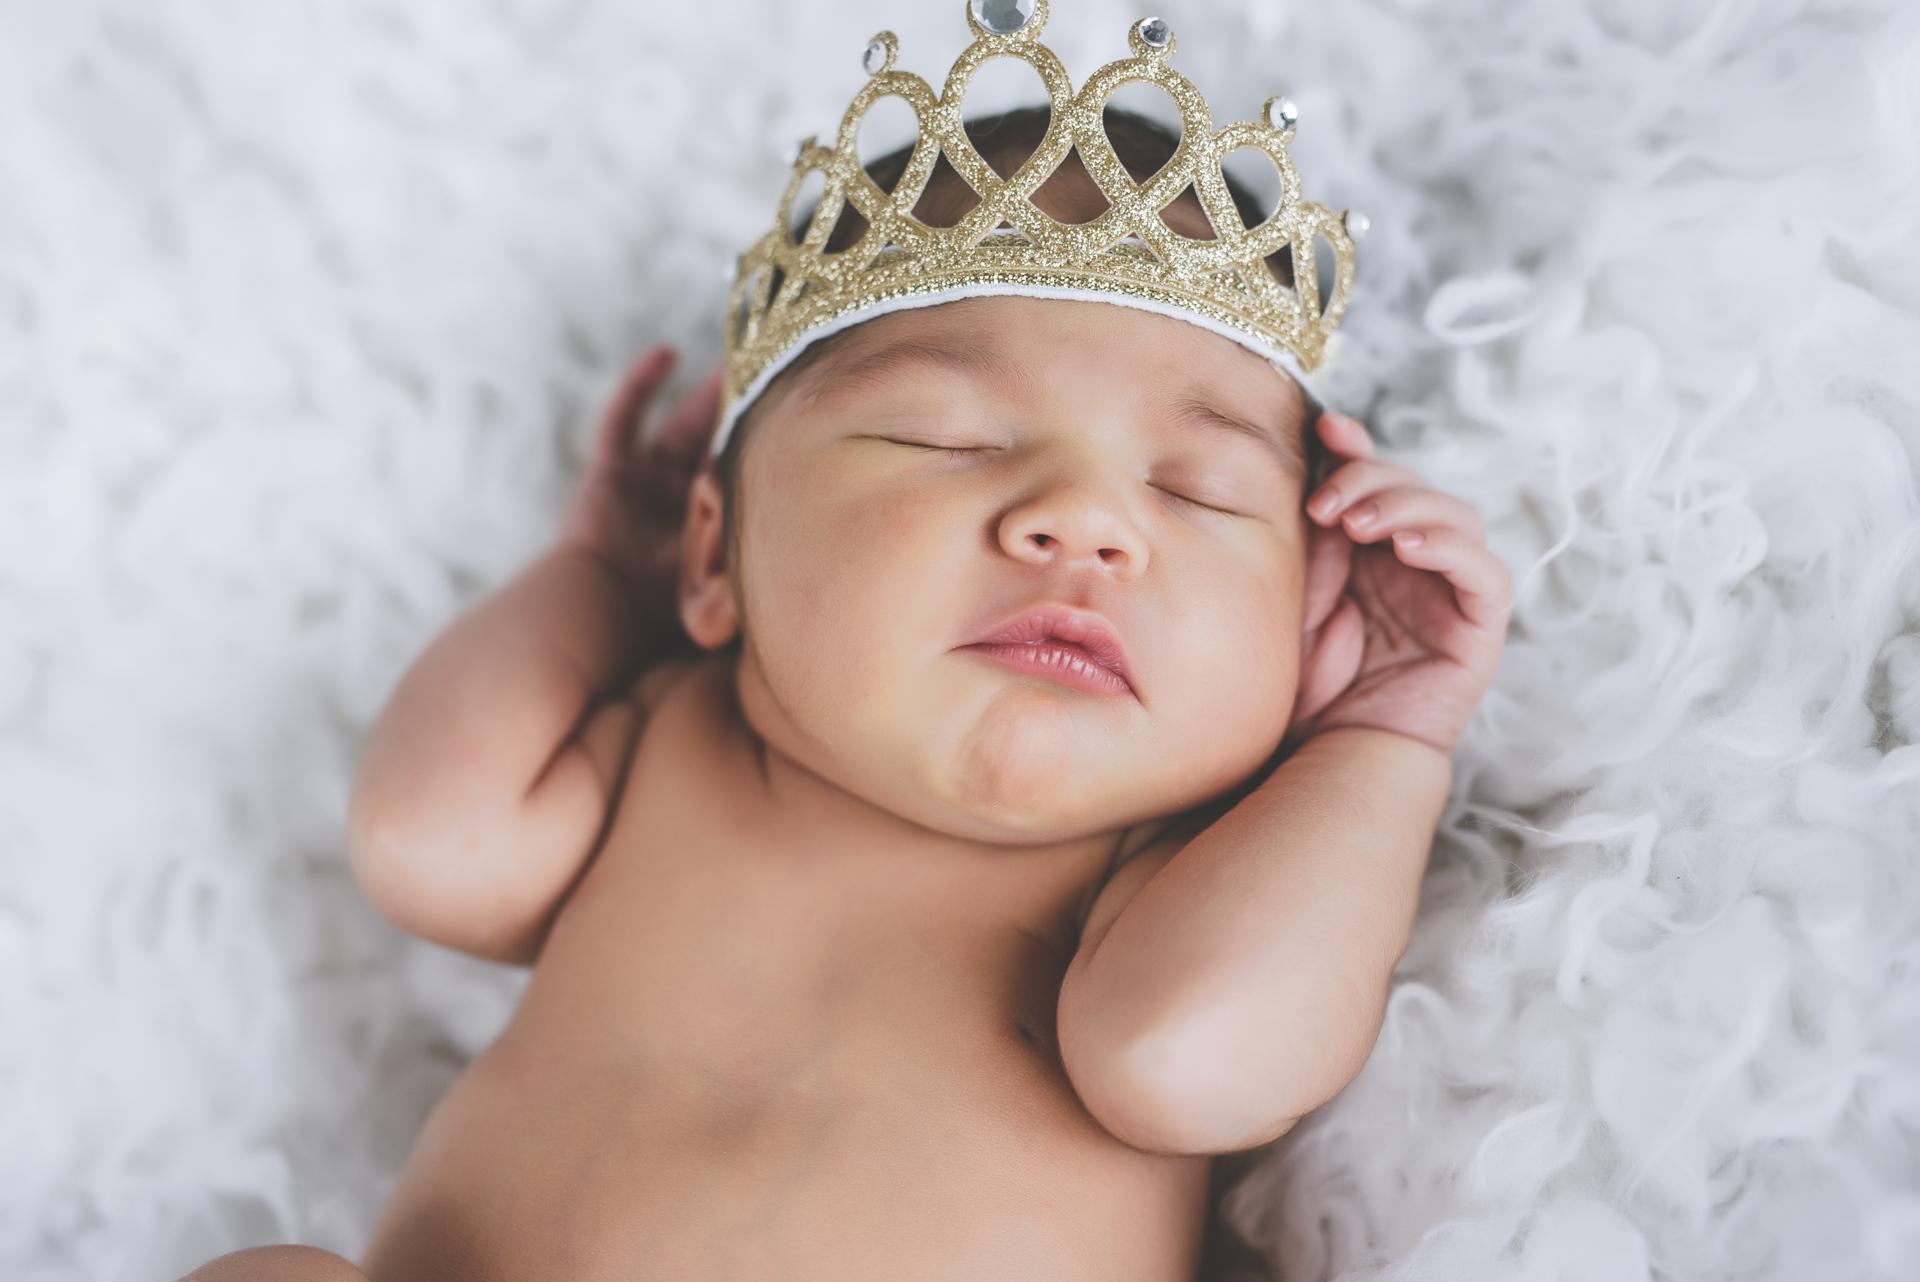 Malin, beautiful girl -newborn photo session